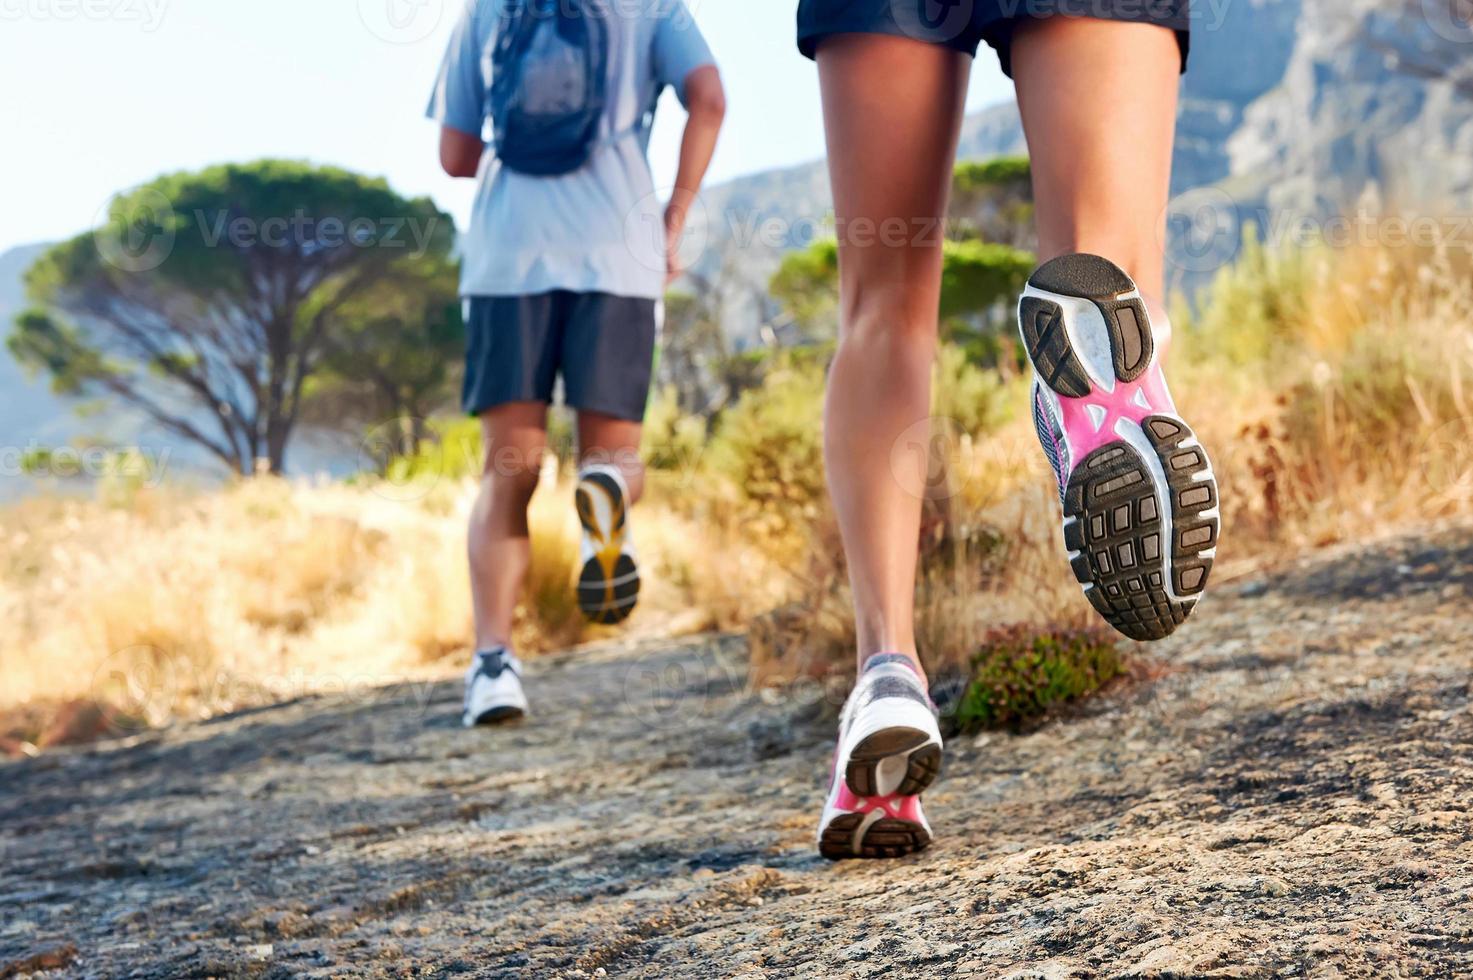 Füße laufen im Freien foto